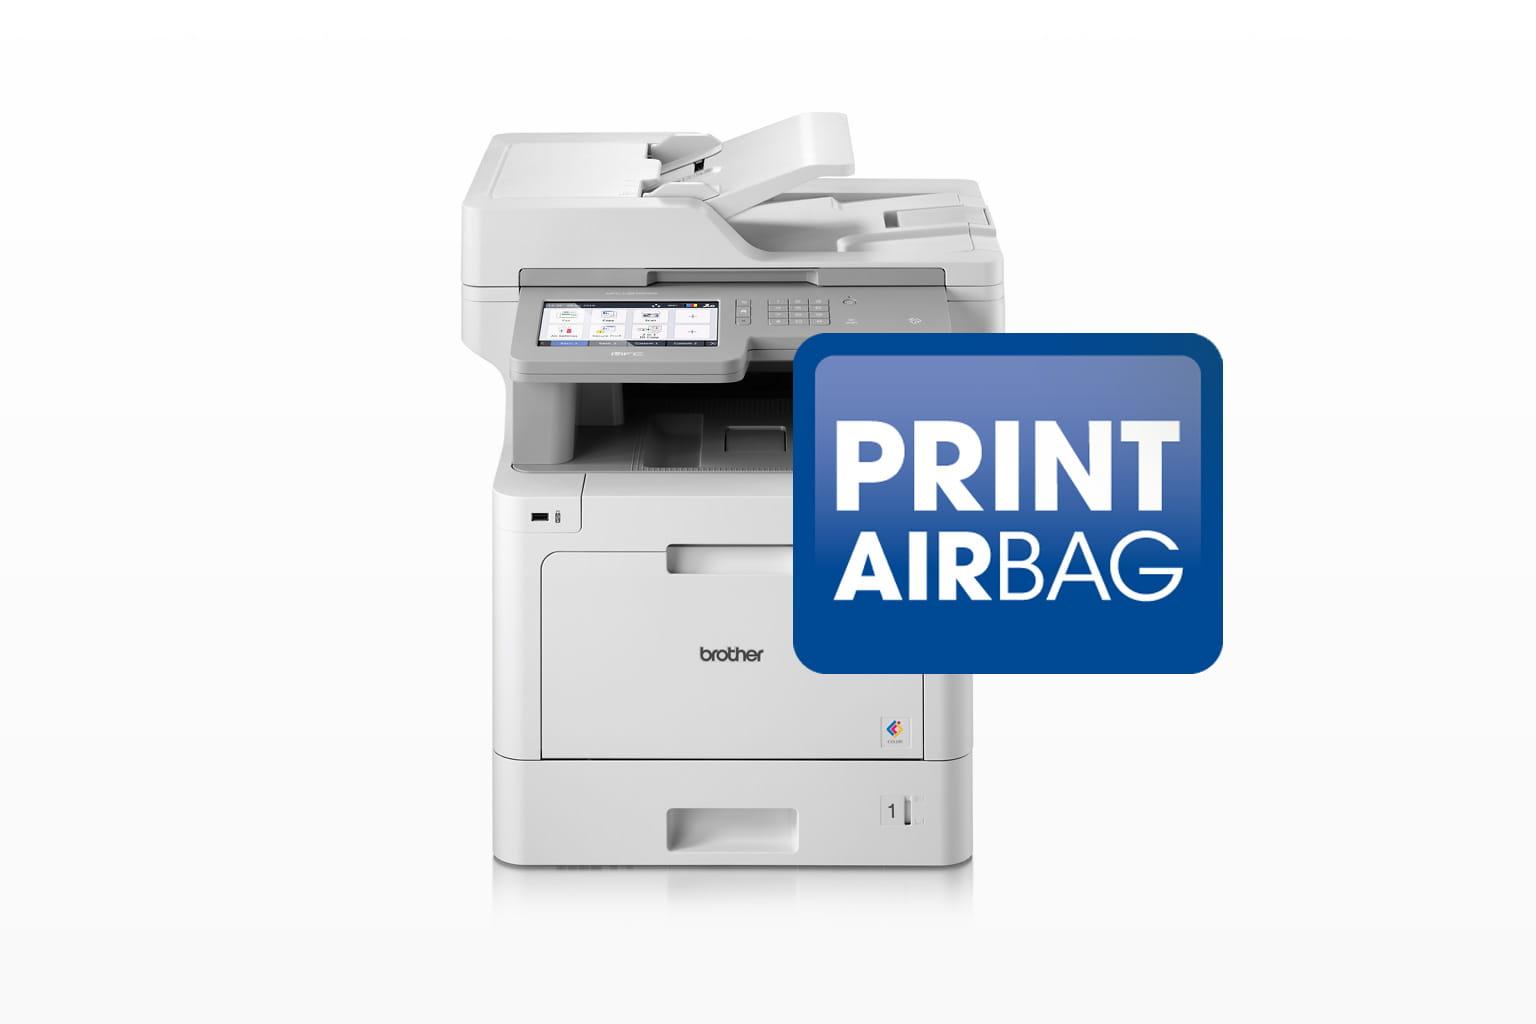 Brother Farblaser-Drucker und PRINT AirBag Logo